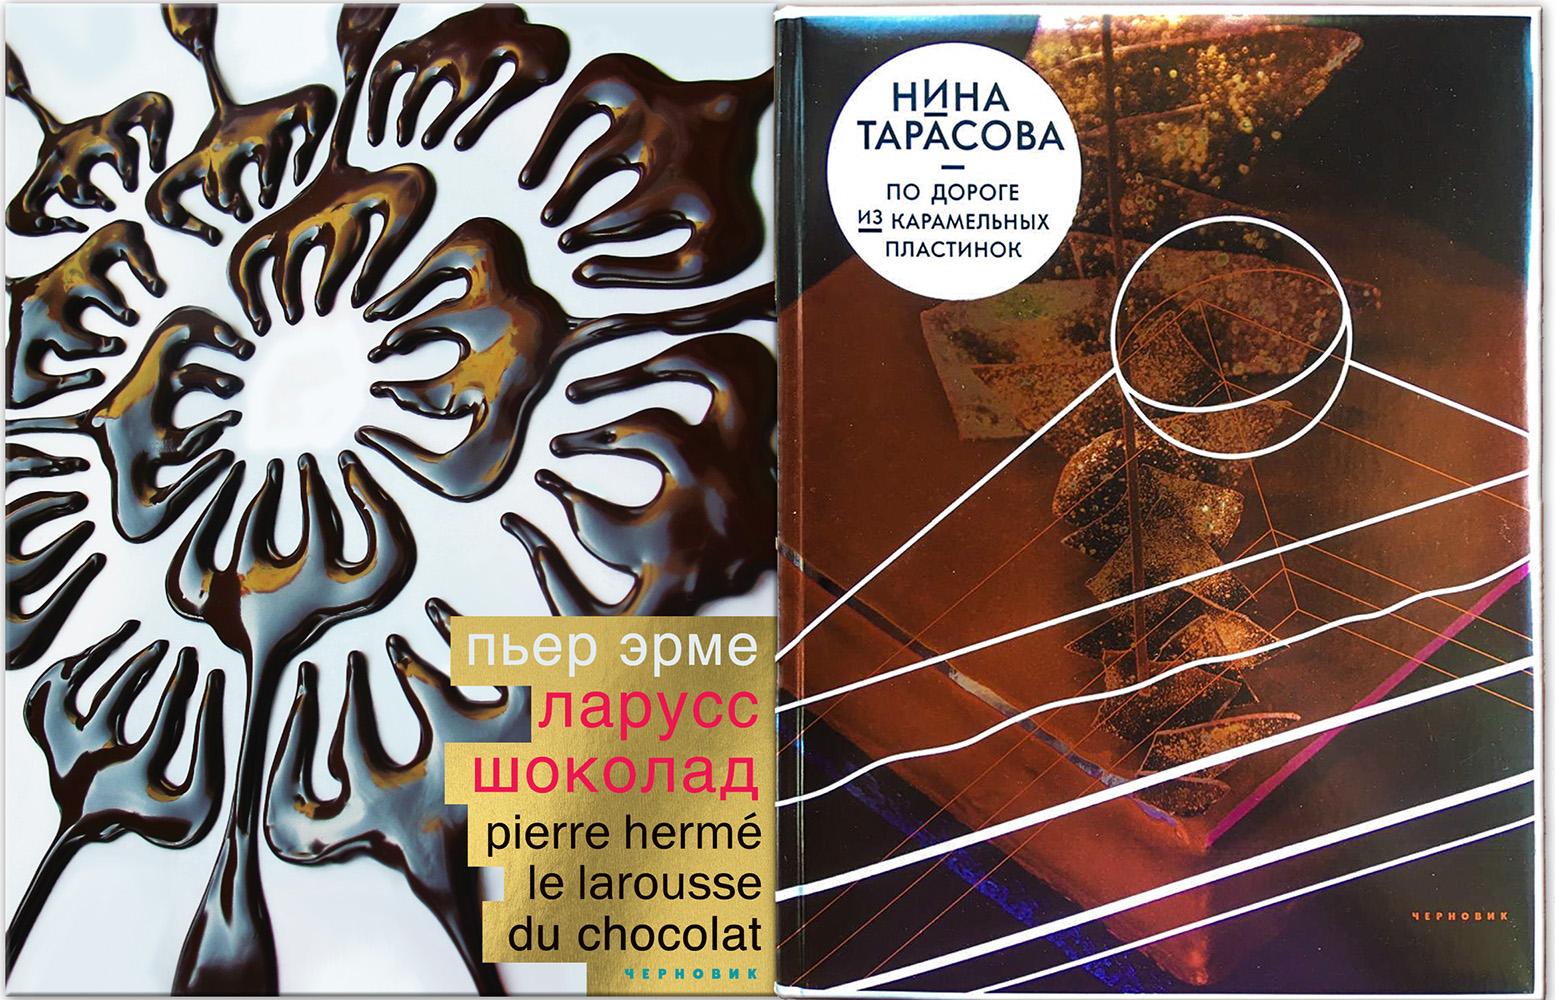 Komplekt konditera - Po doroge iz karamelnyh plastinok (1 izd.) + Larousse Chocolat (2 izd.)